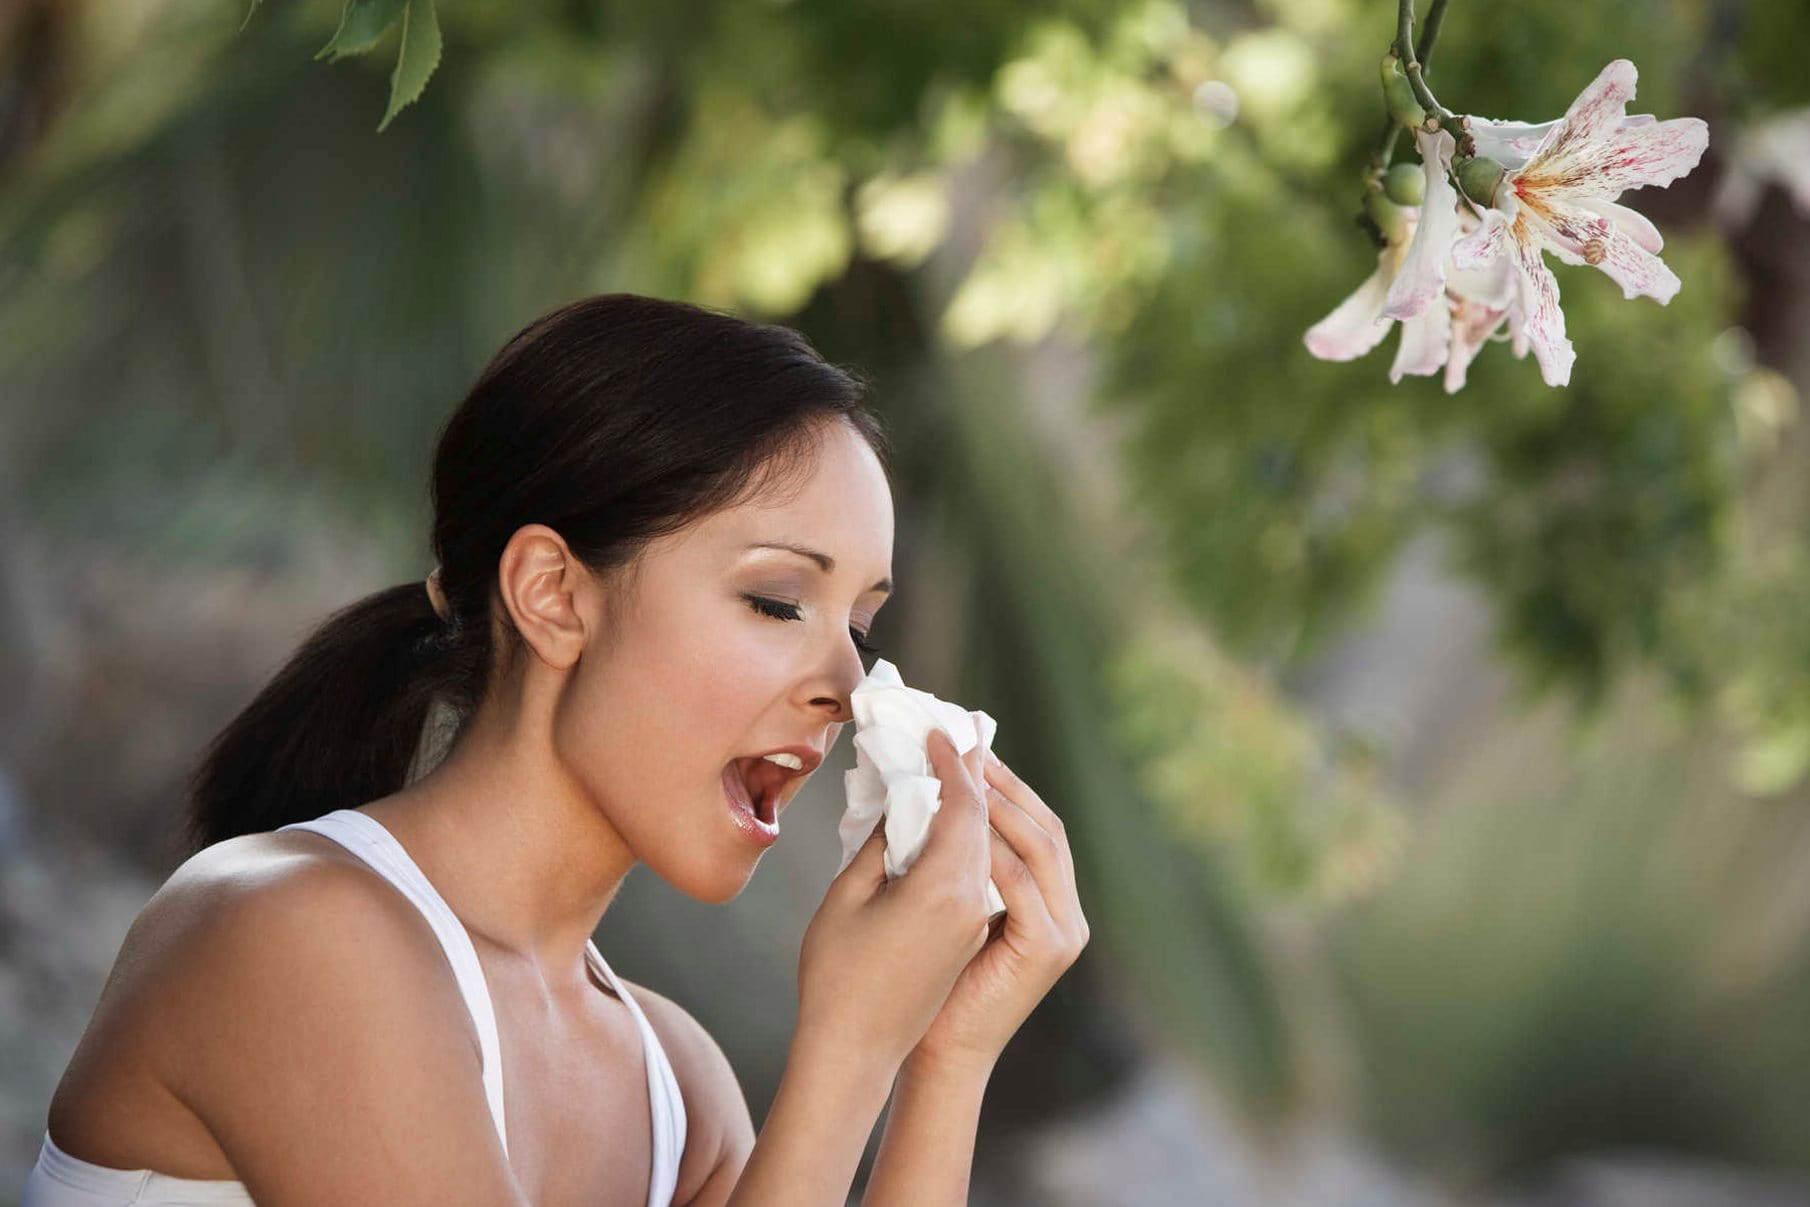 Почему люди часто чихают два раза подряд?